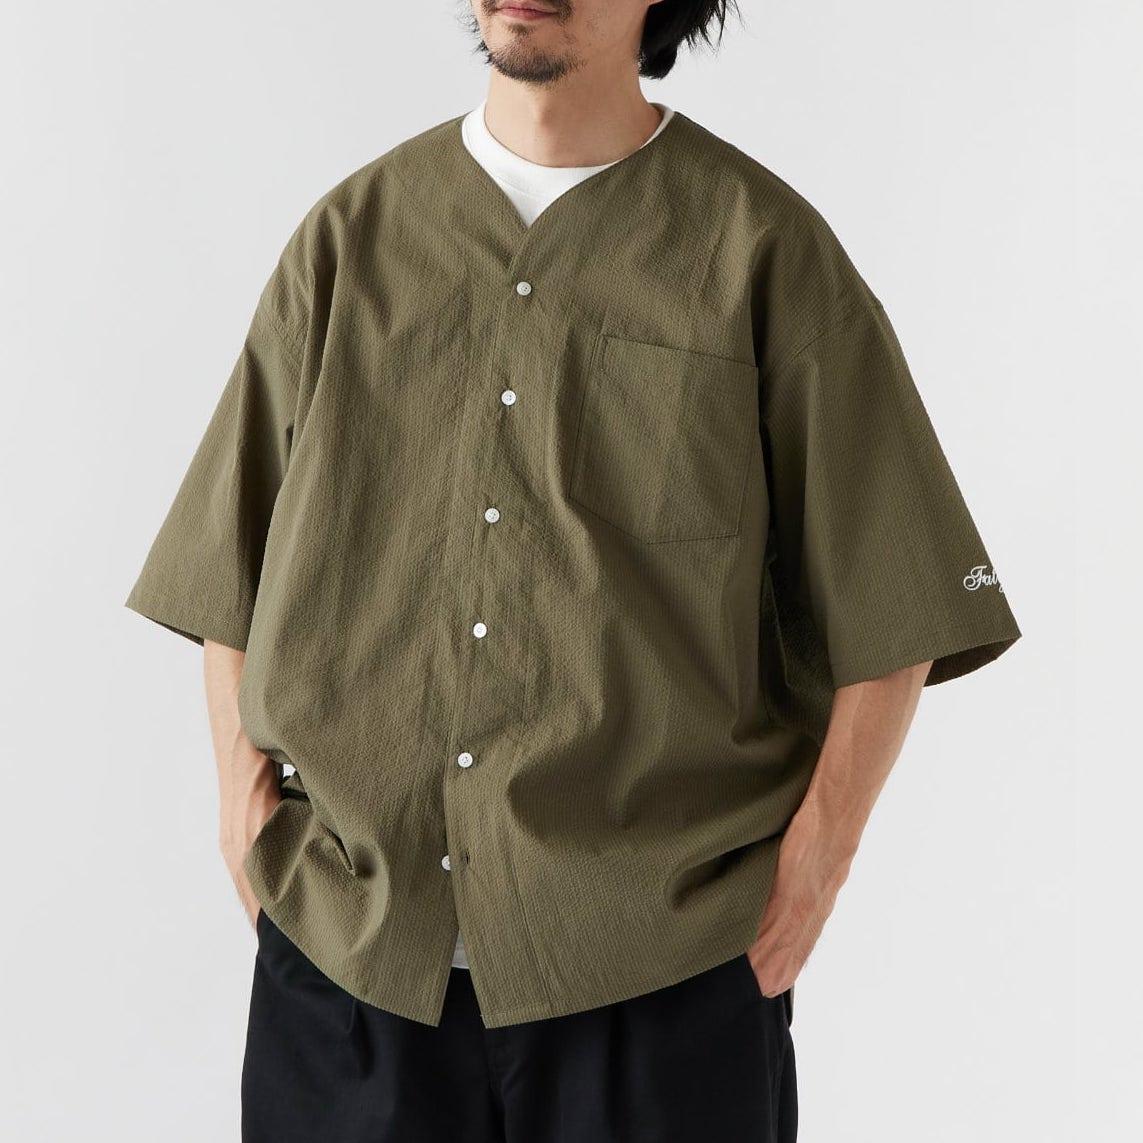 画像1: Curveball seersucker baseball shirt シアサッカー ベース ボールシャツ ストレッチ BIGシルエット ベース ボールシャツ カットソー Olive Green オリーブ グリーン (1)